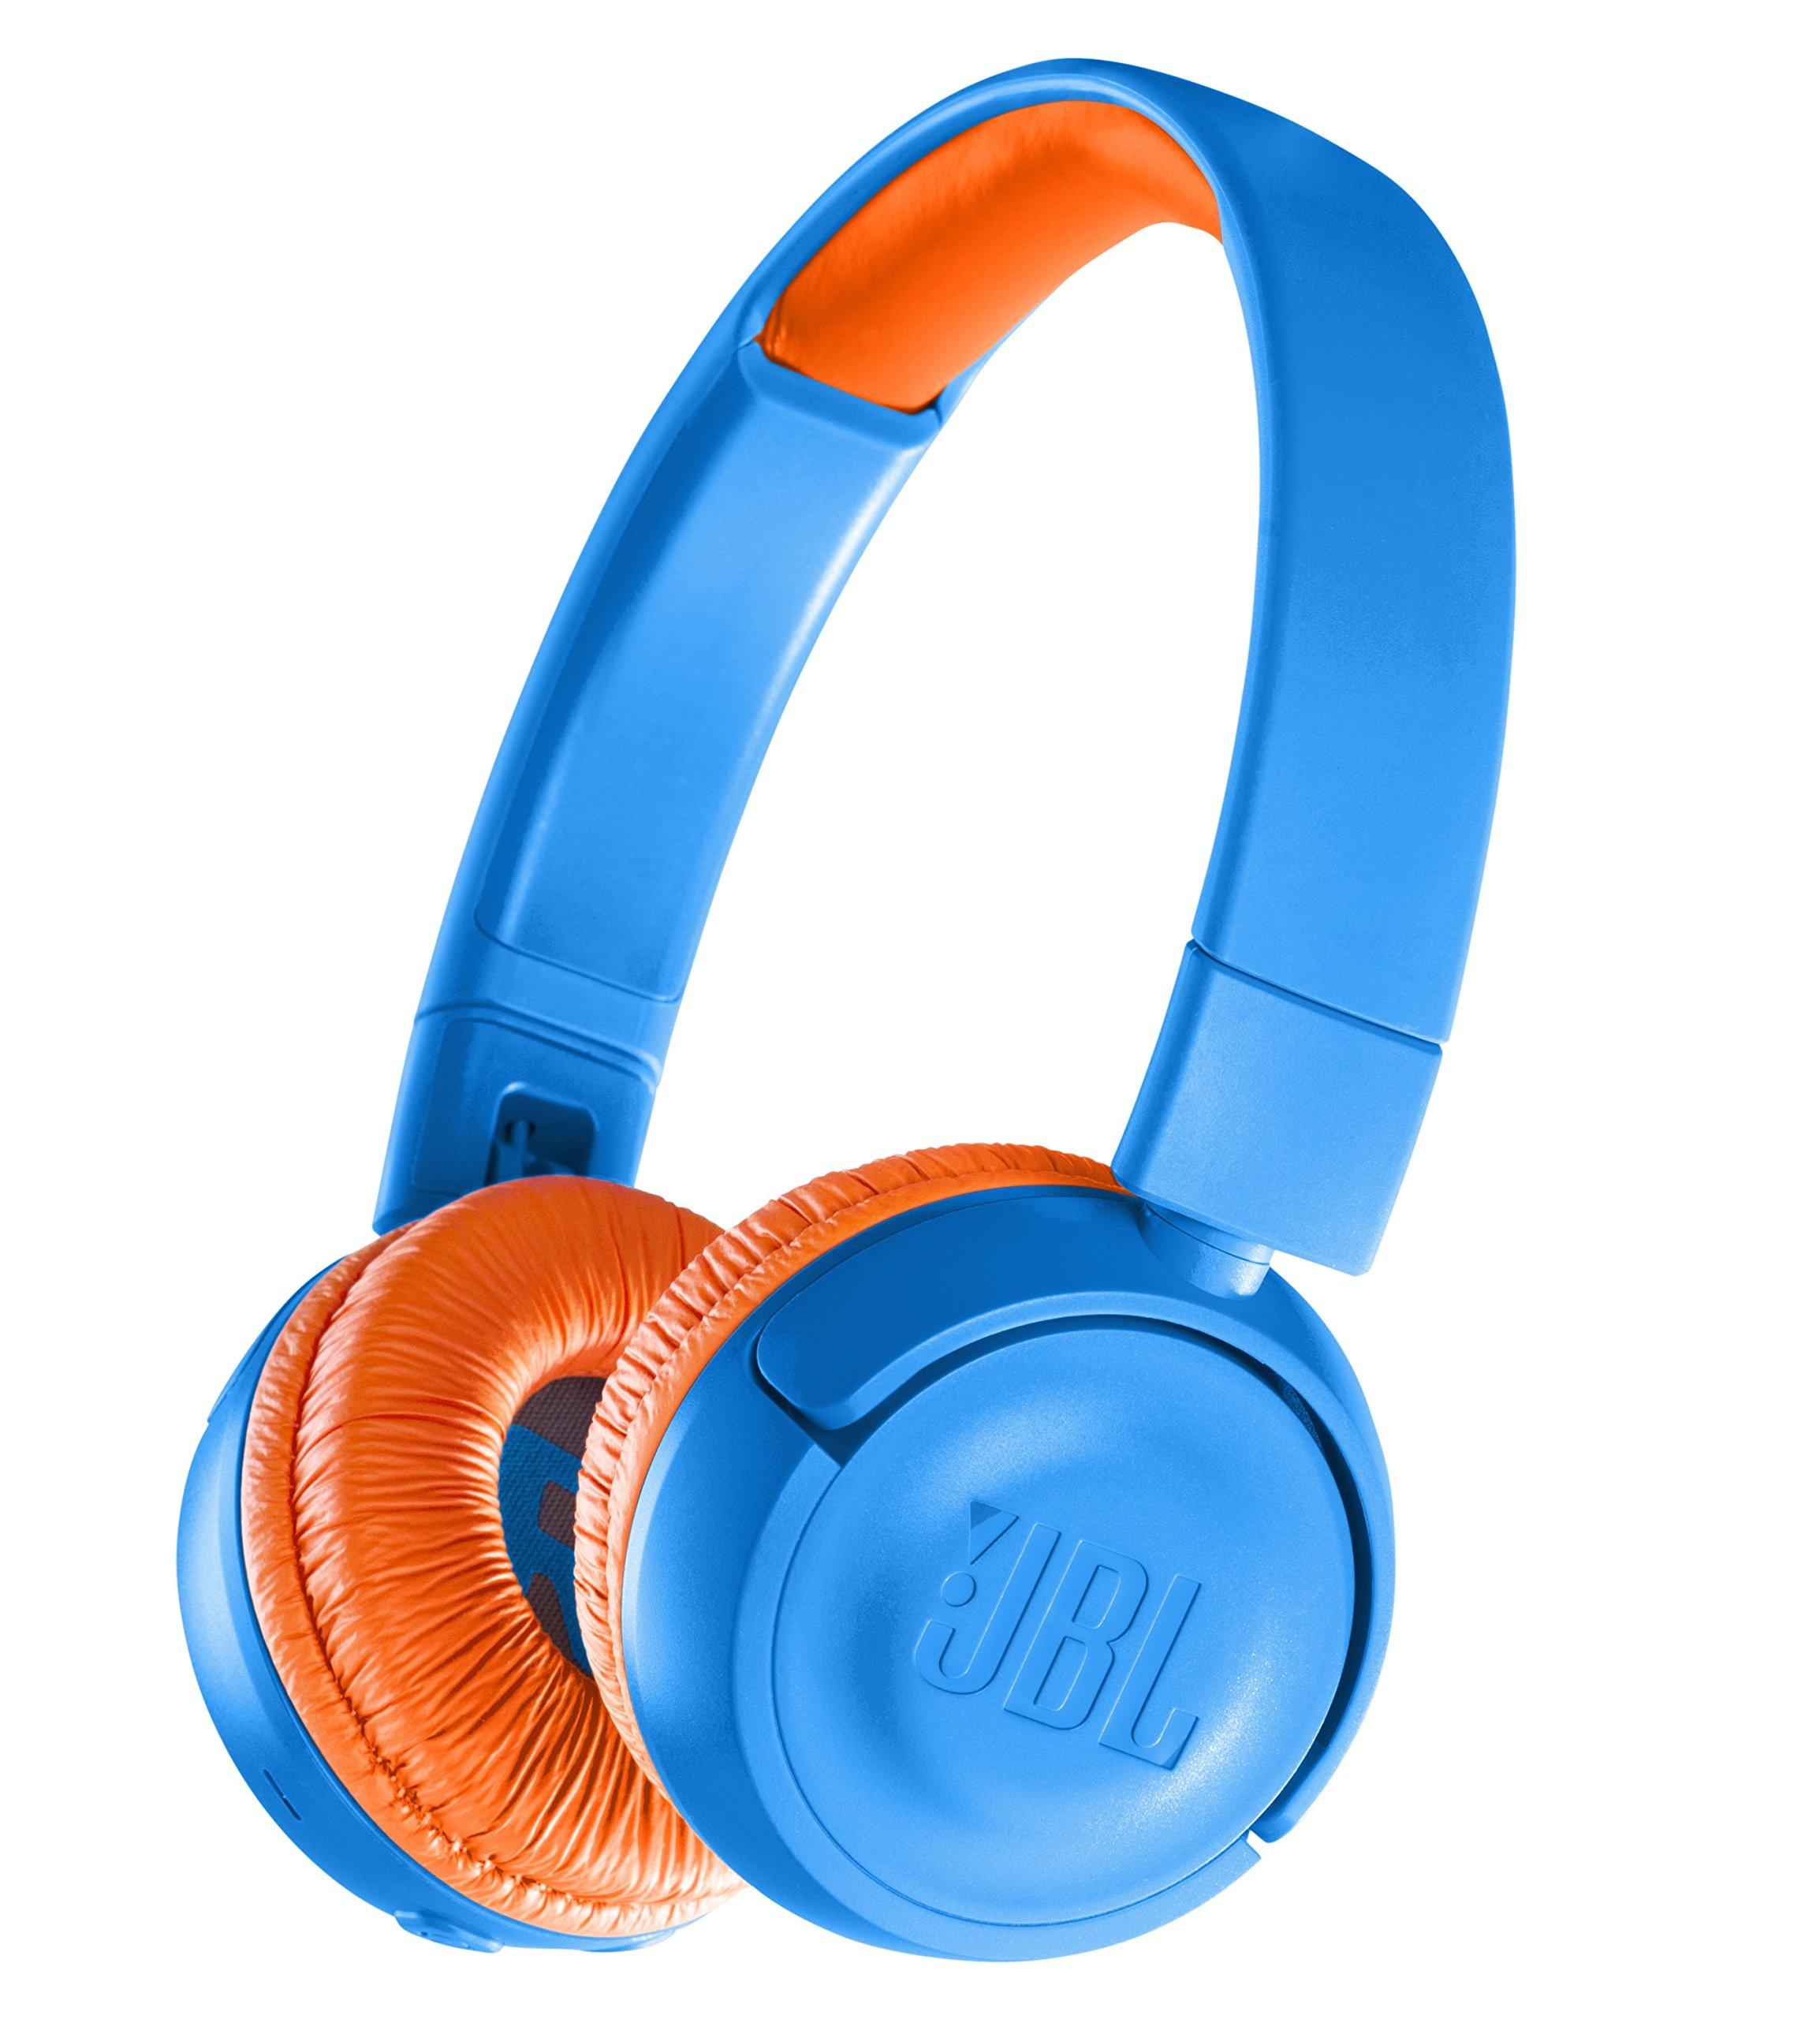 音量調節付きカスタムヘッドフォン用JBL /カスタムステッカーJBL JR 300BTUNOワイヤレス(Bluetooth)